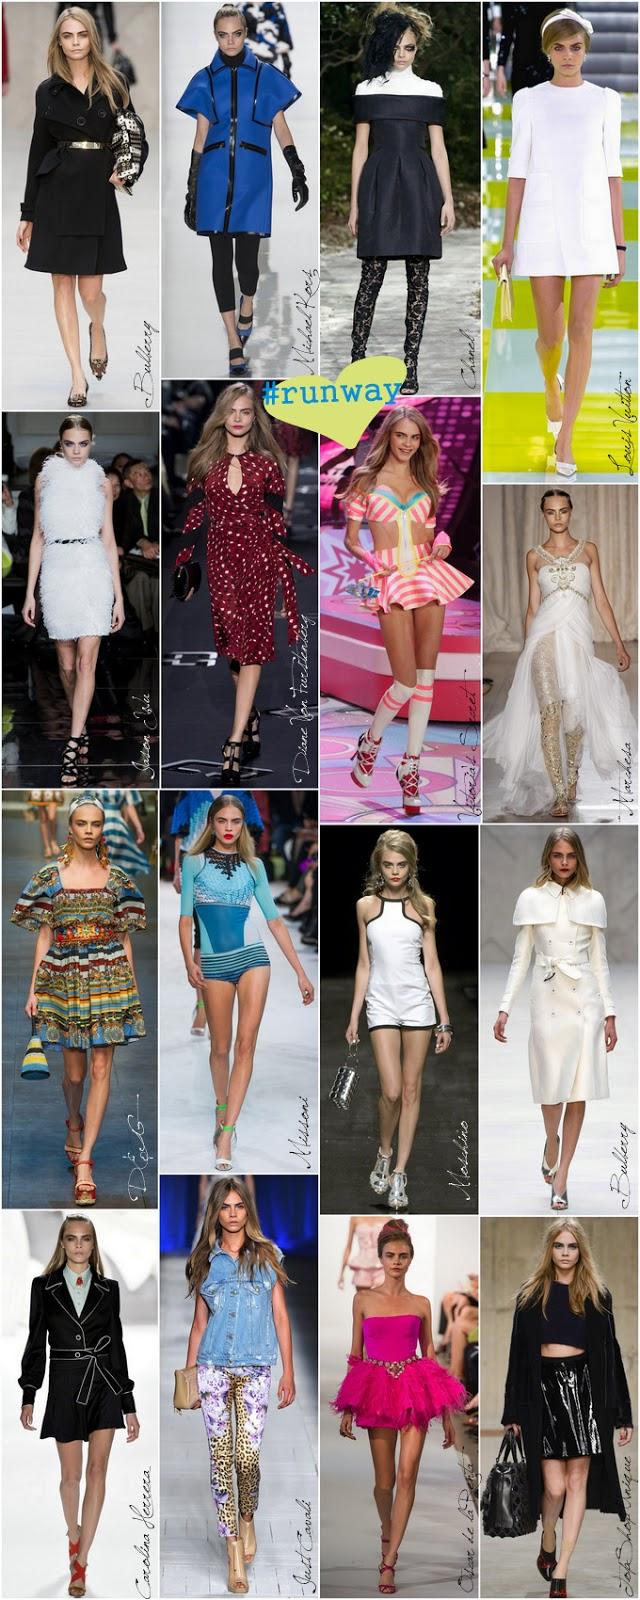 Cara Delevingne desfilando nas melhores semanas de moda para marcas famosas como Burberry, Dolce e Gabbana e Chanel.